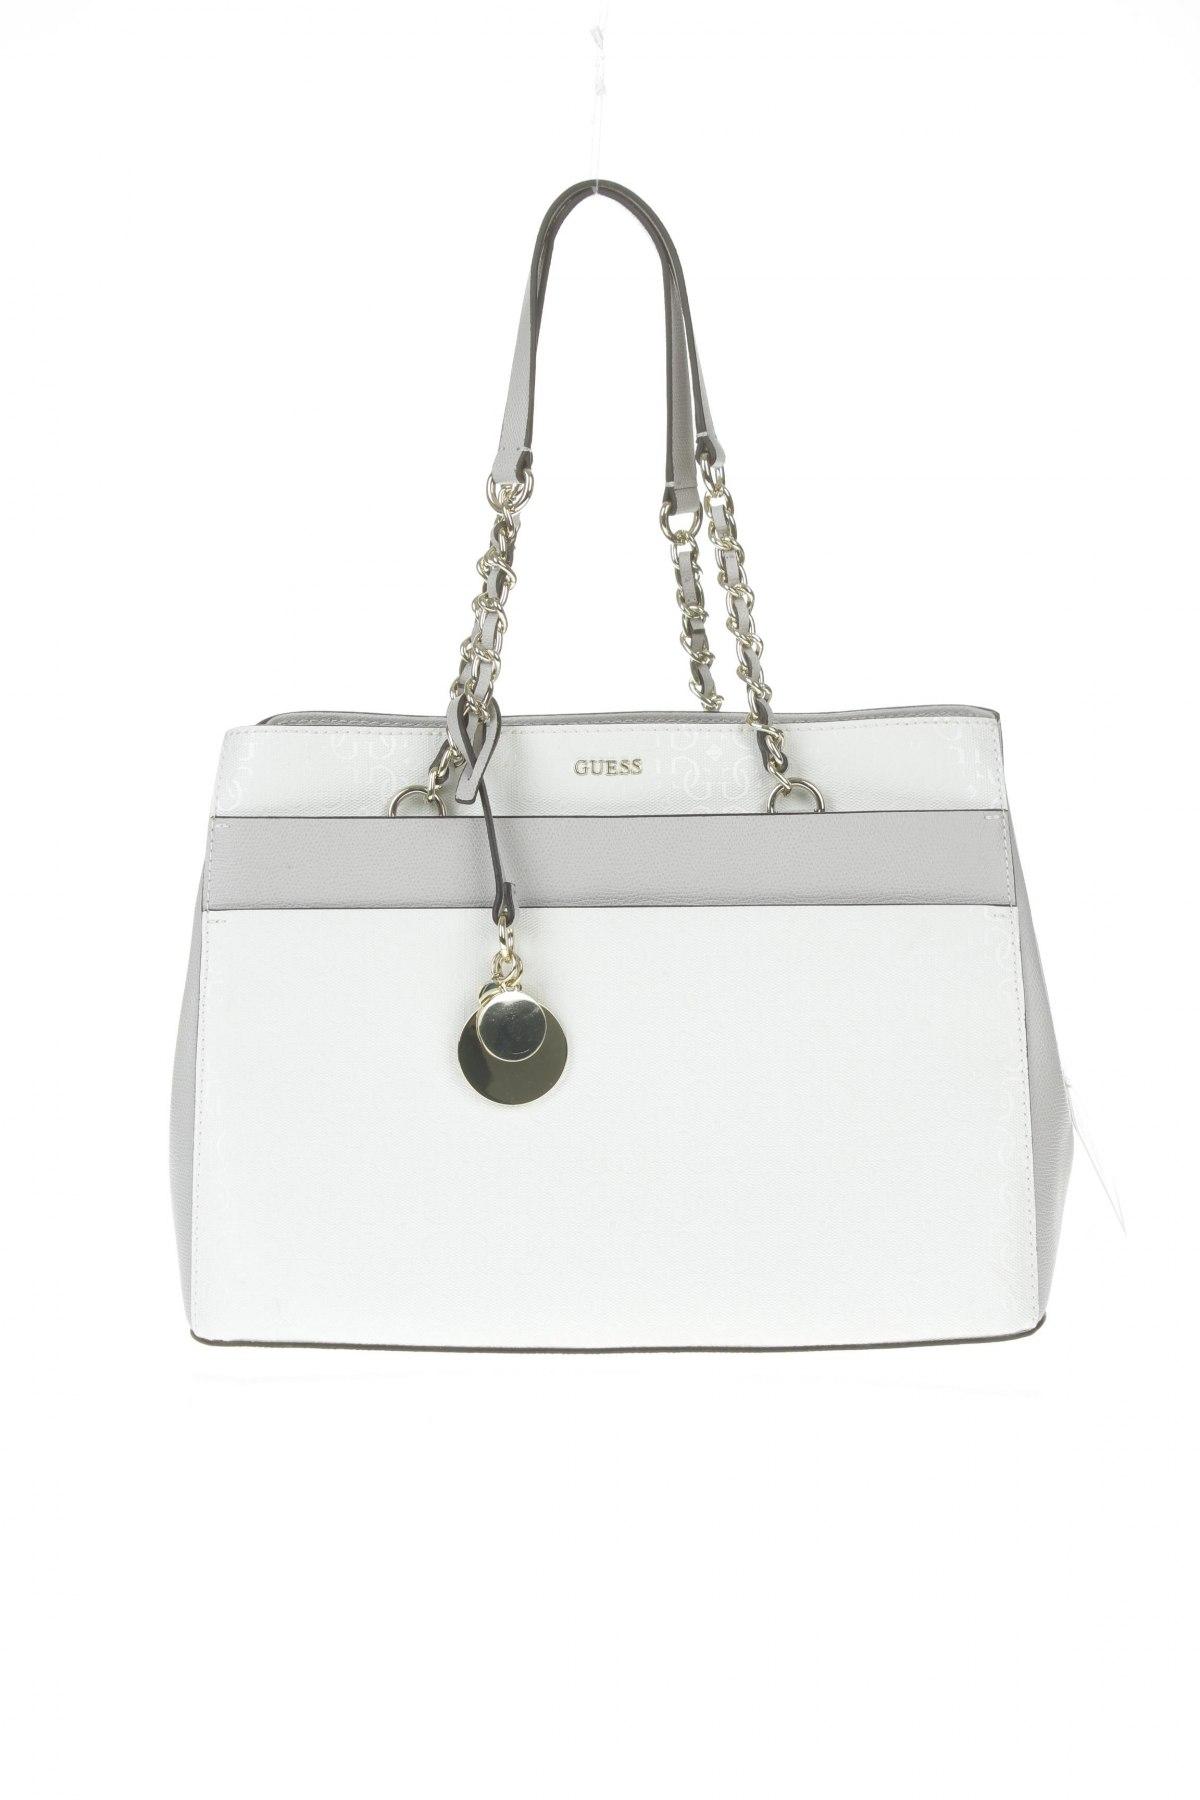 afa2097441 Dámska kabelka Guess - za výhodnú cenu na Remix -  100296535